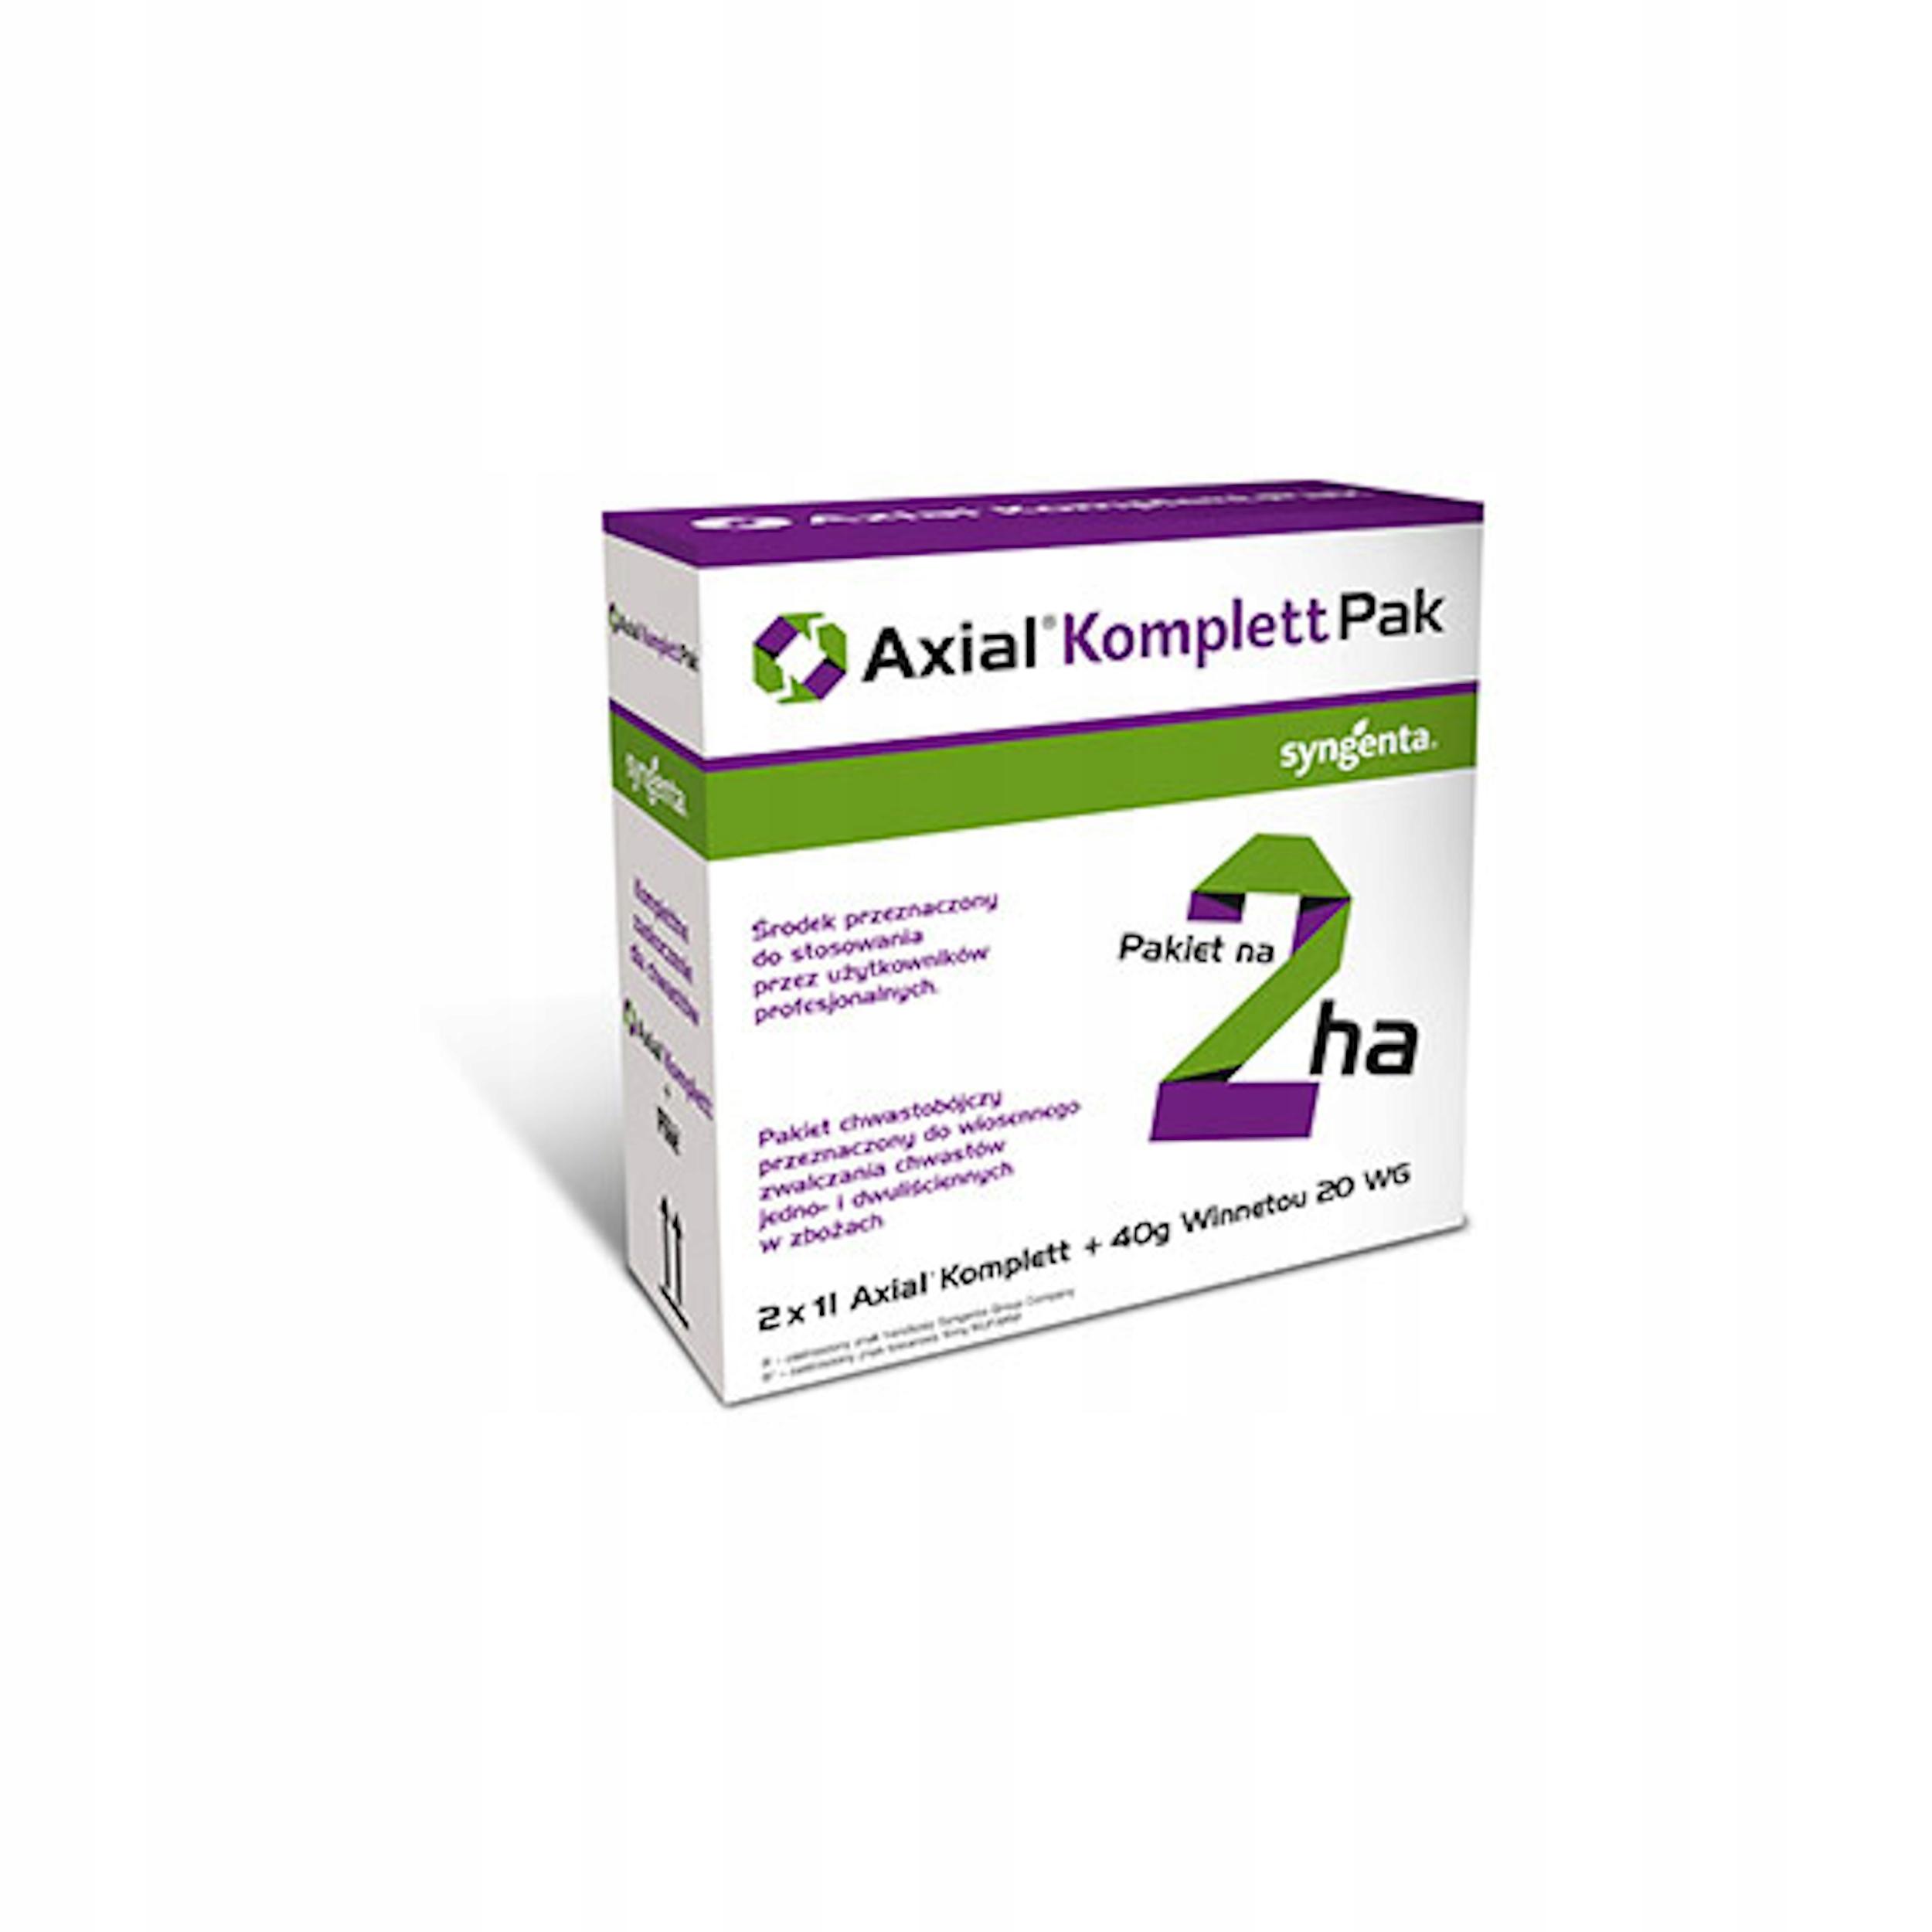 AXIAL KOMPLETT PAK (Axial 2x1L + Winnetou 20WG 40G)